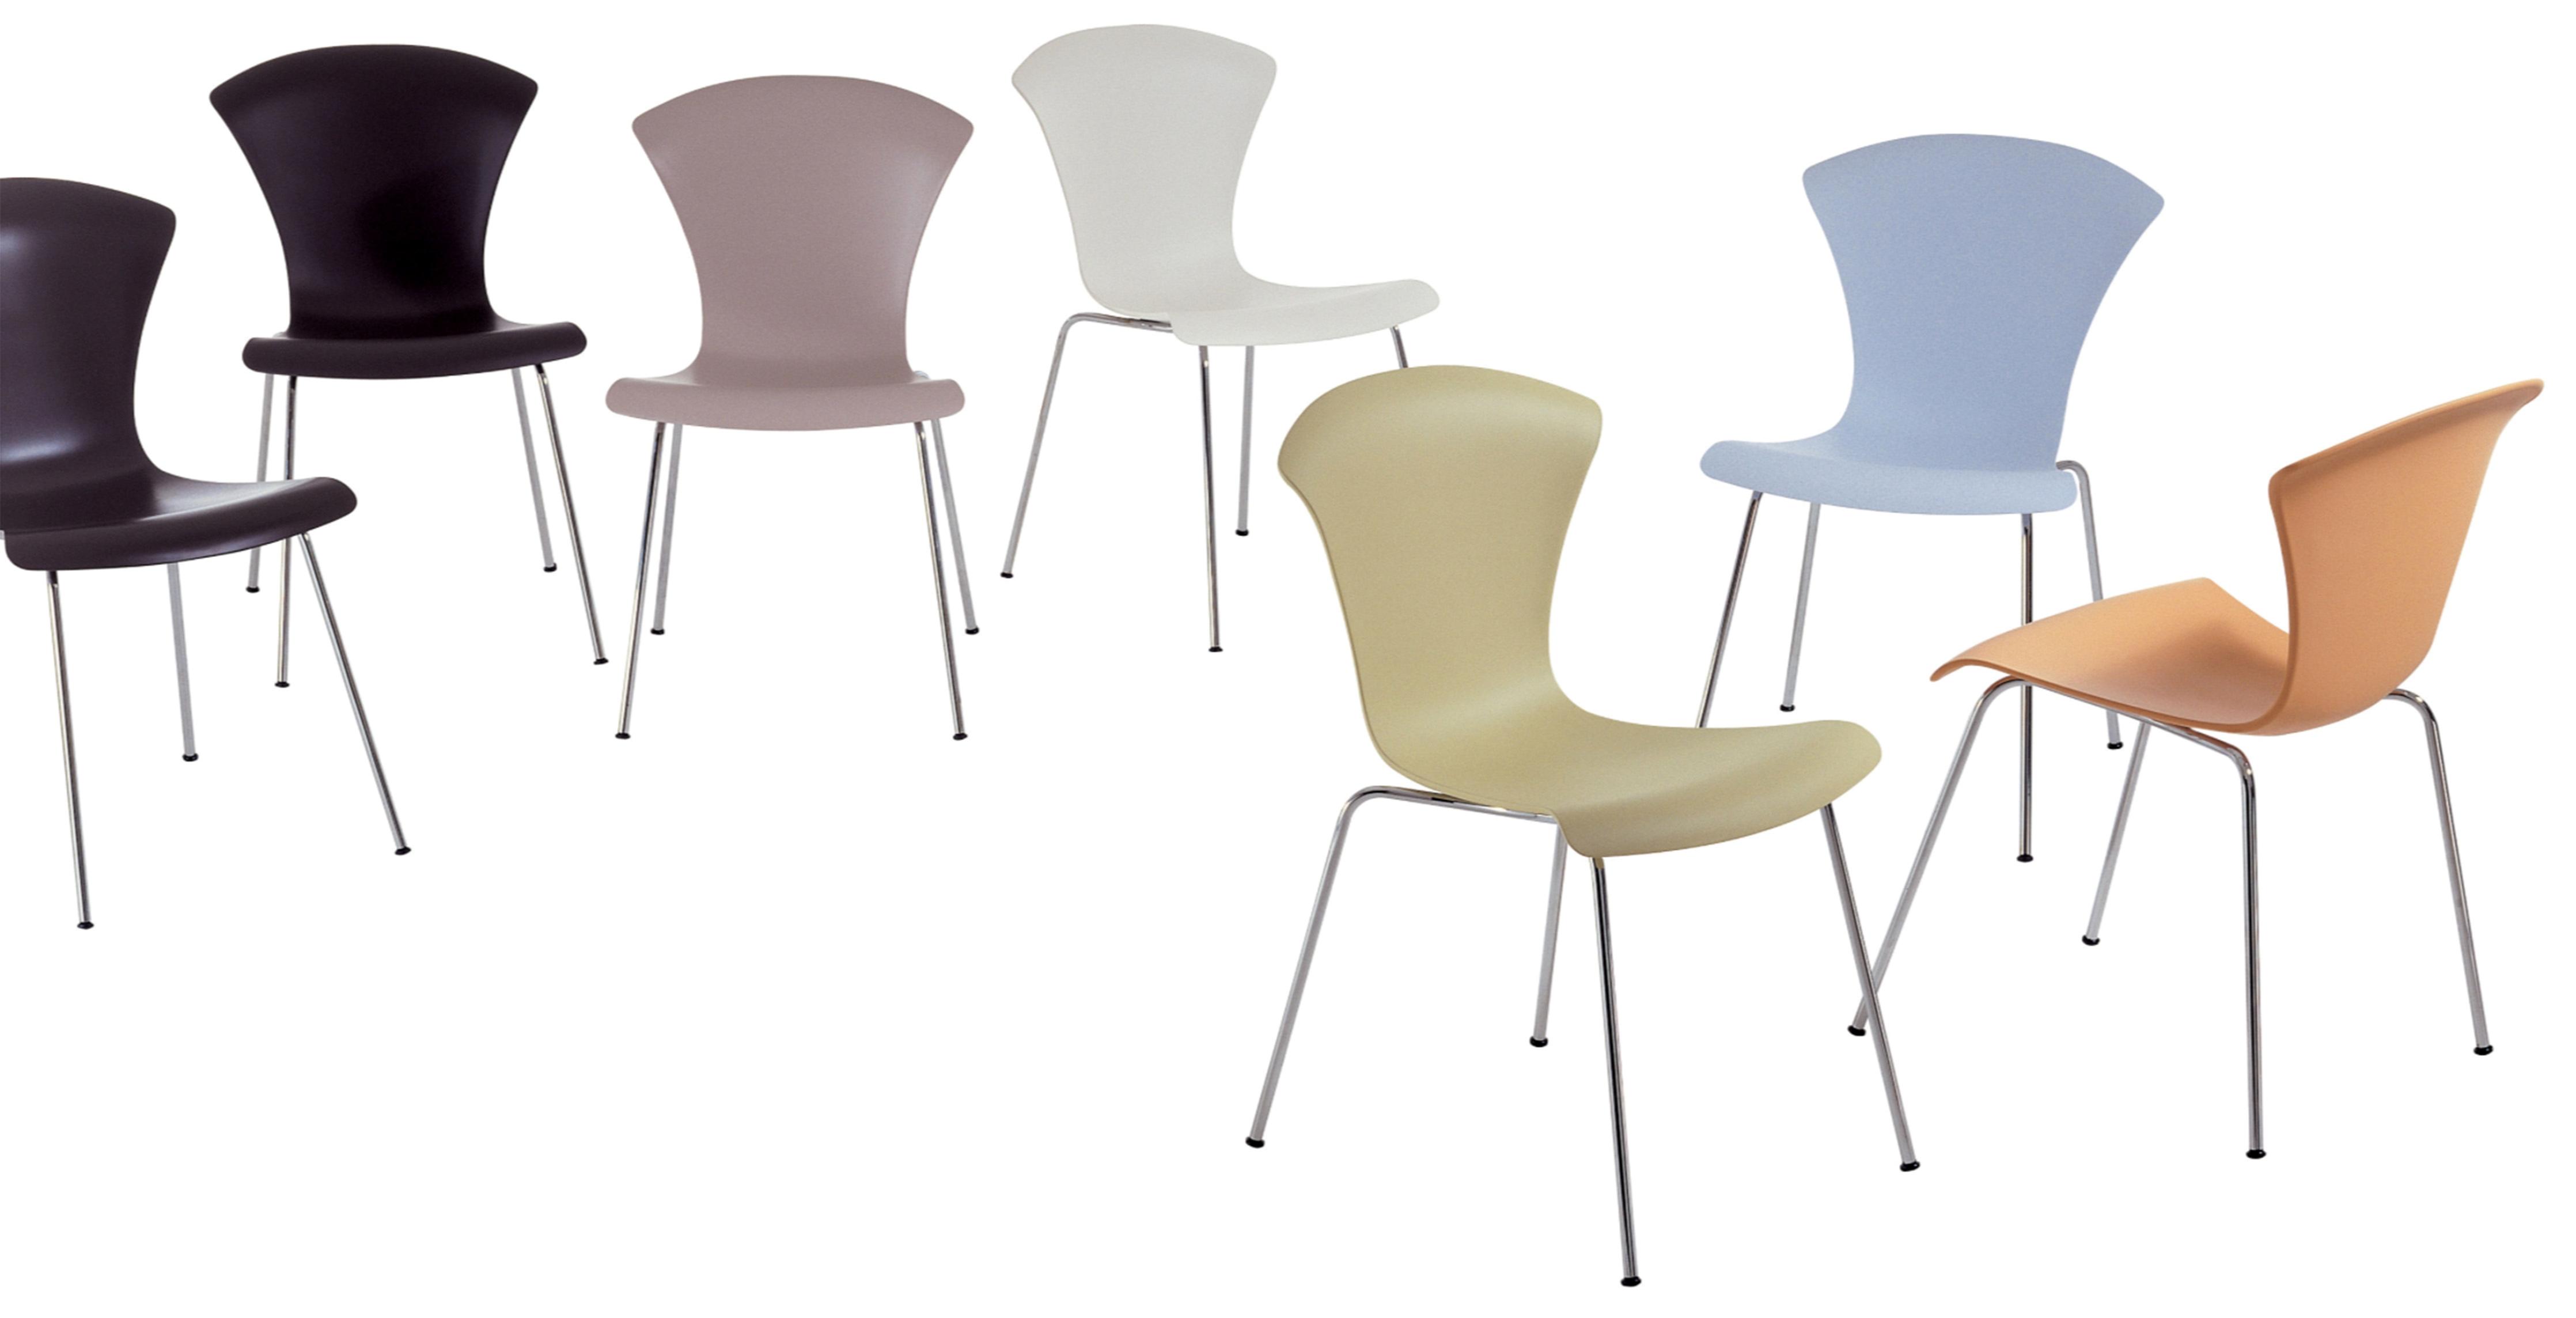 Sedie kartell scontata del 46 vico magistretti sedie a for Sedia design kartell